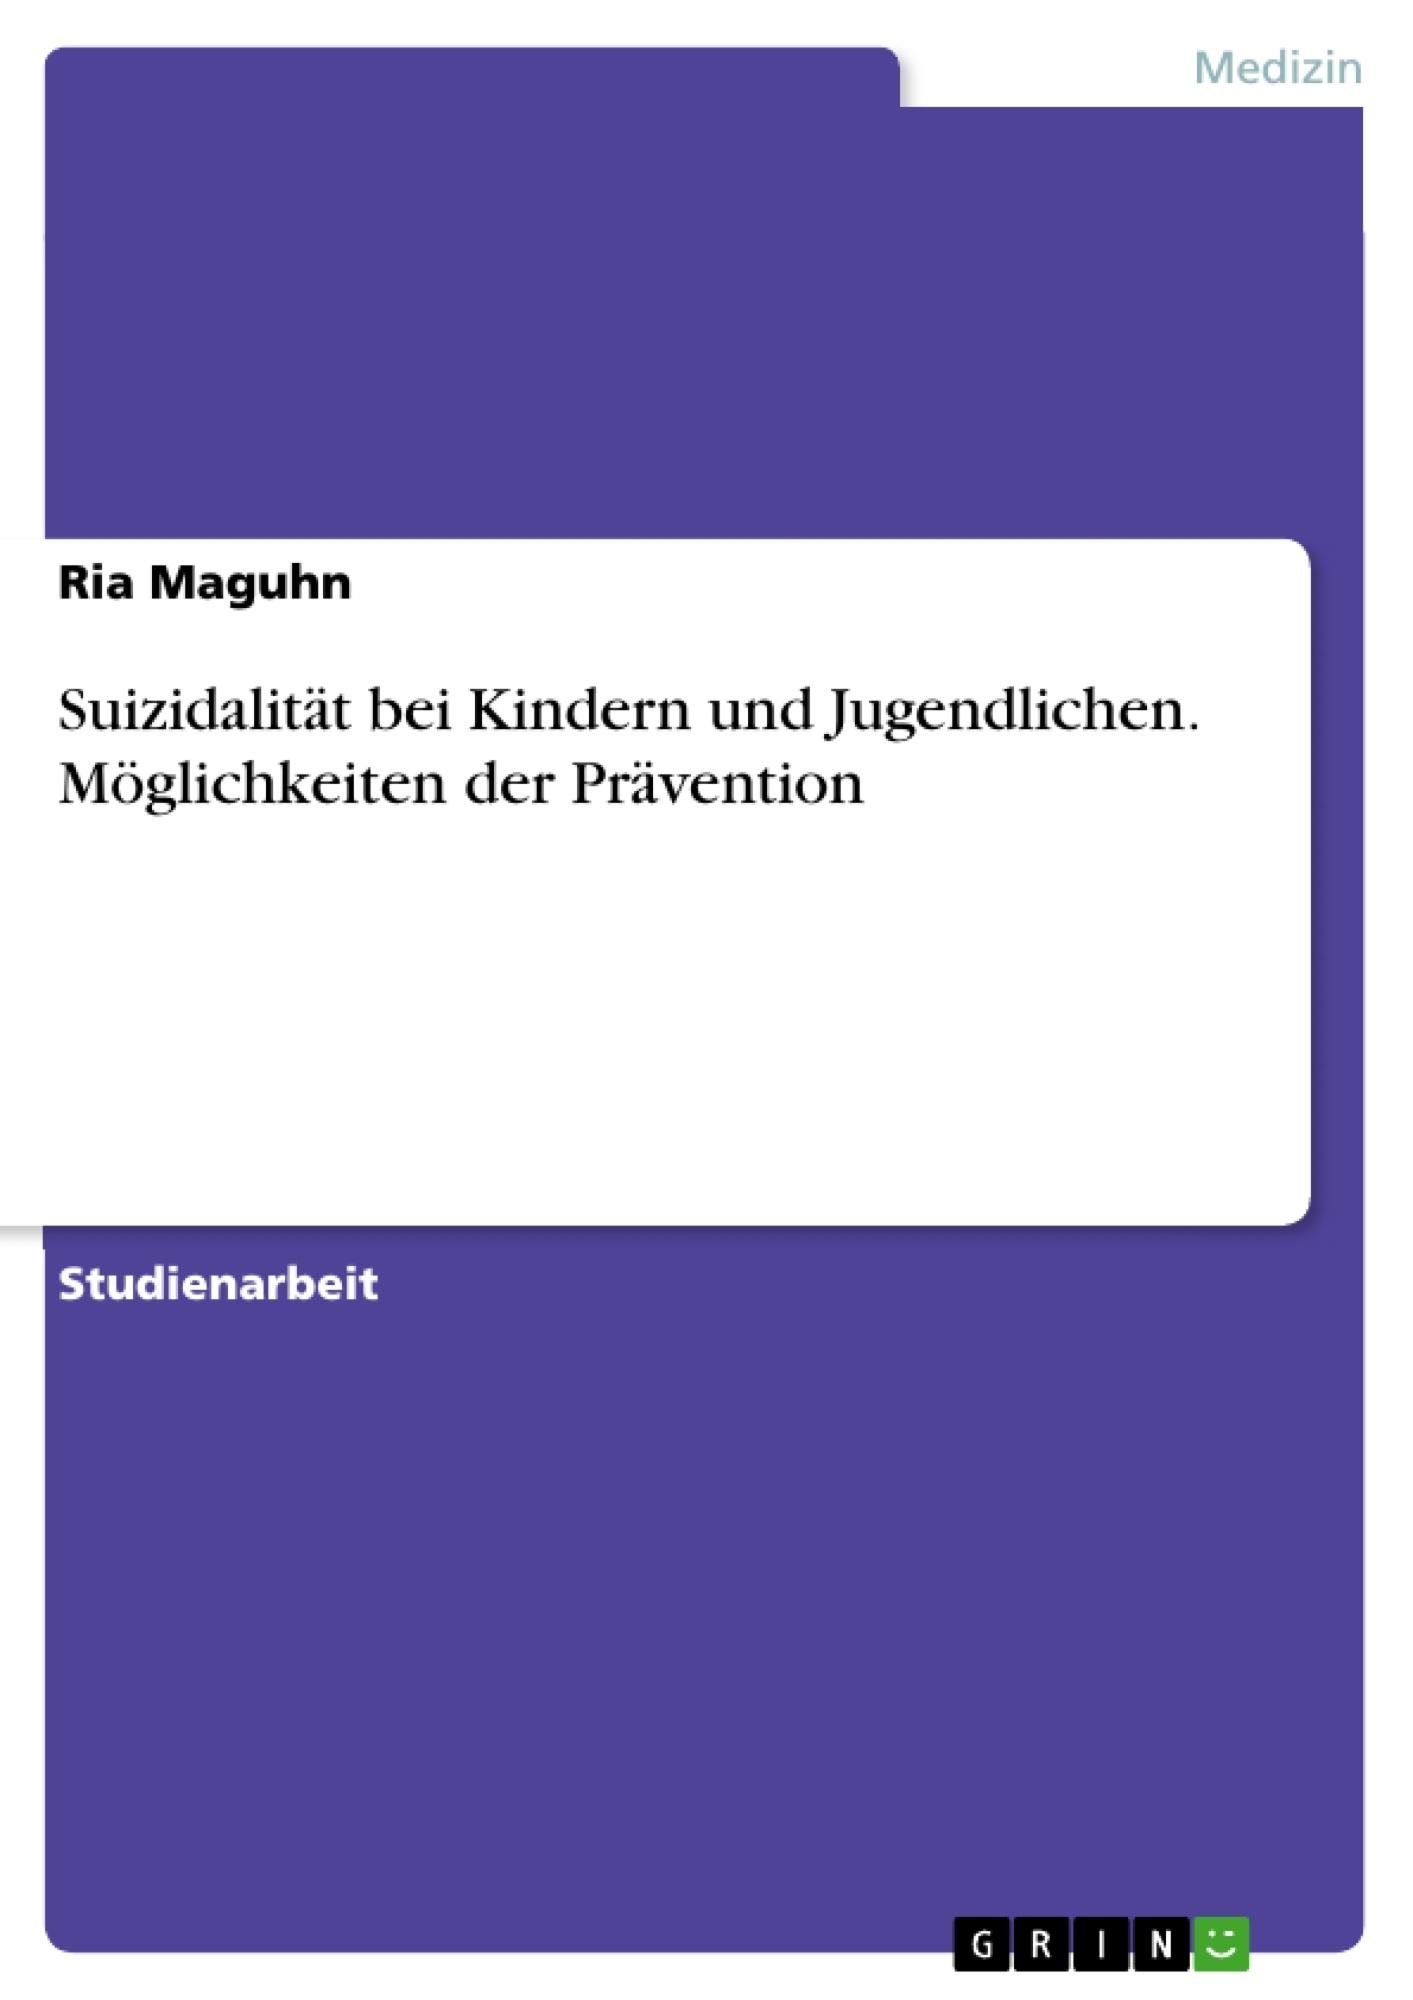 Titel: Suizidalität bei Kindern und Jugendlichen. Möglichkeiten der Prävention